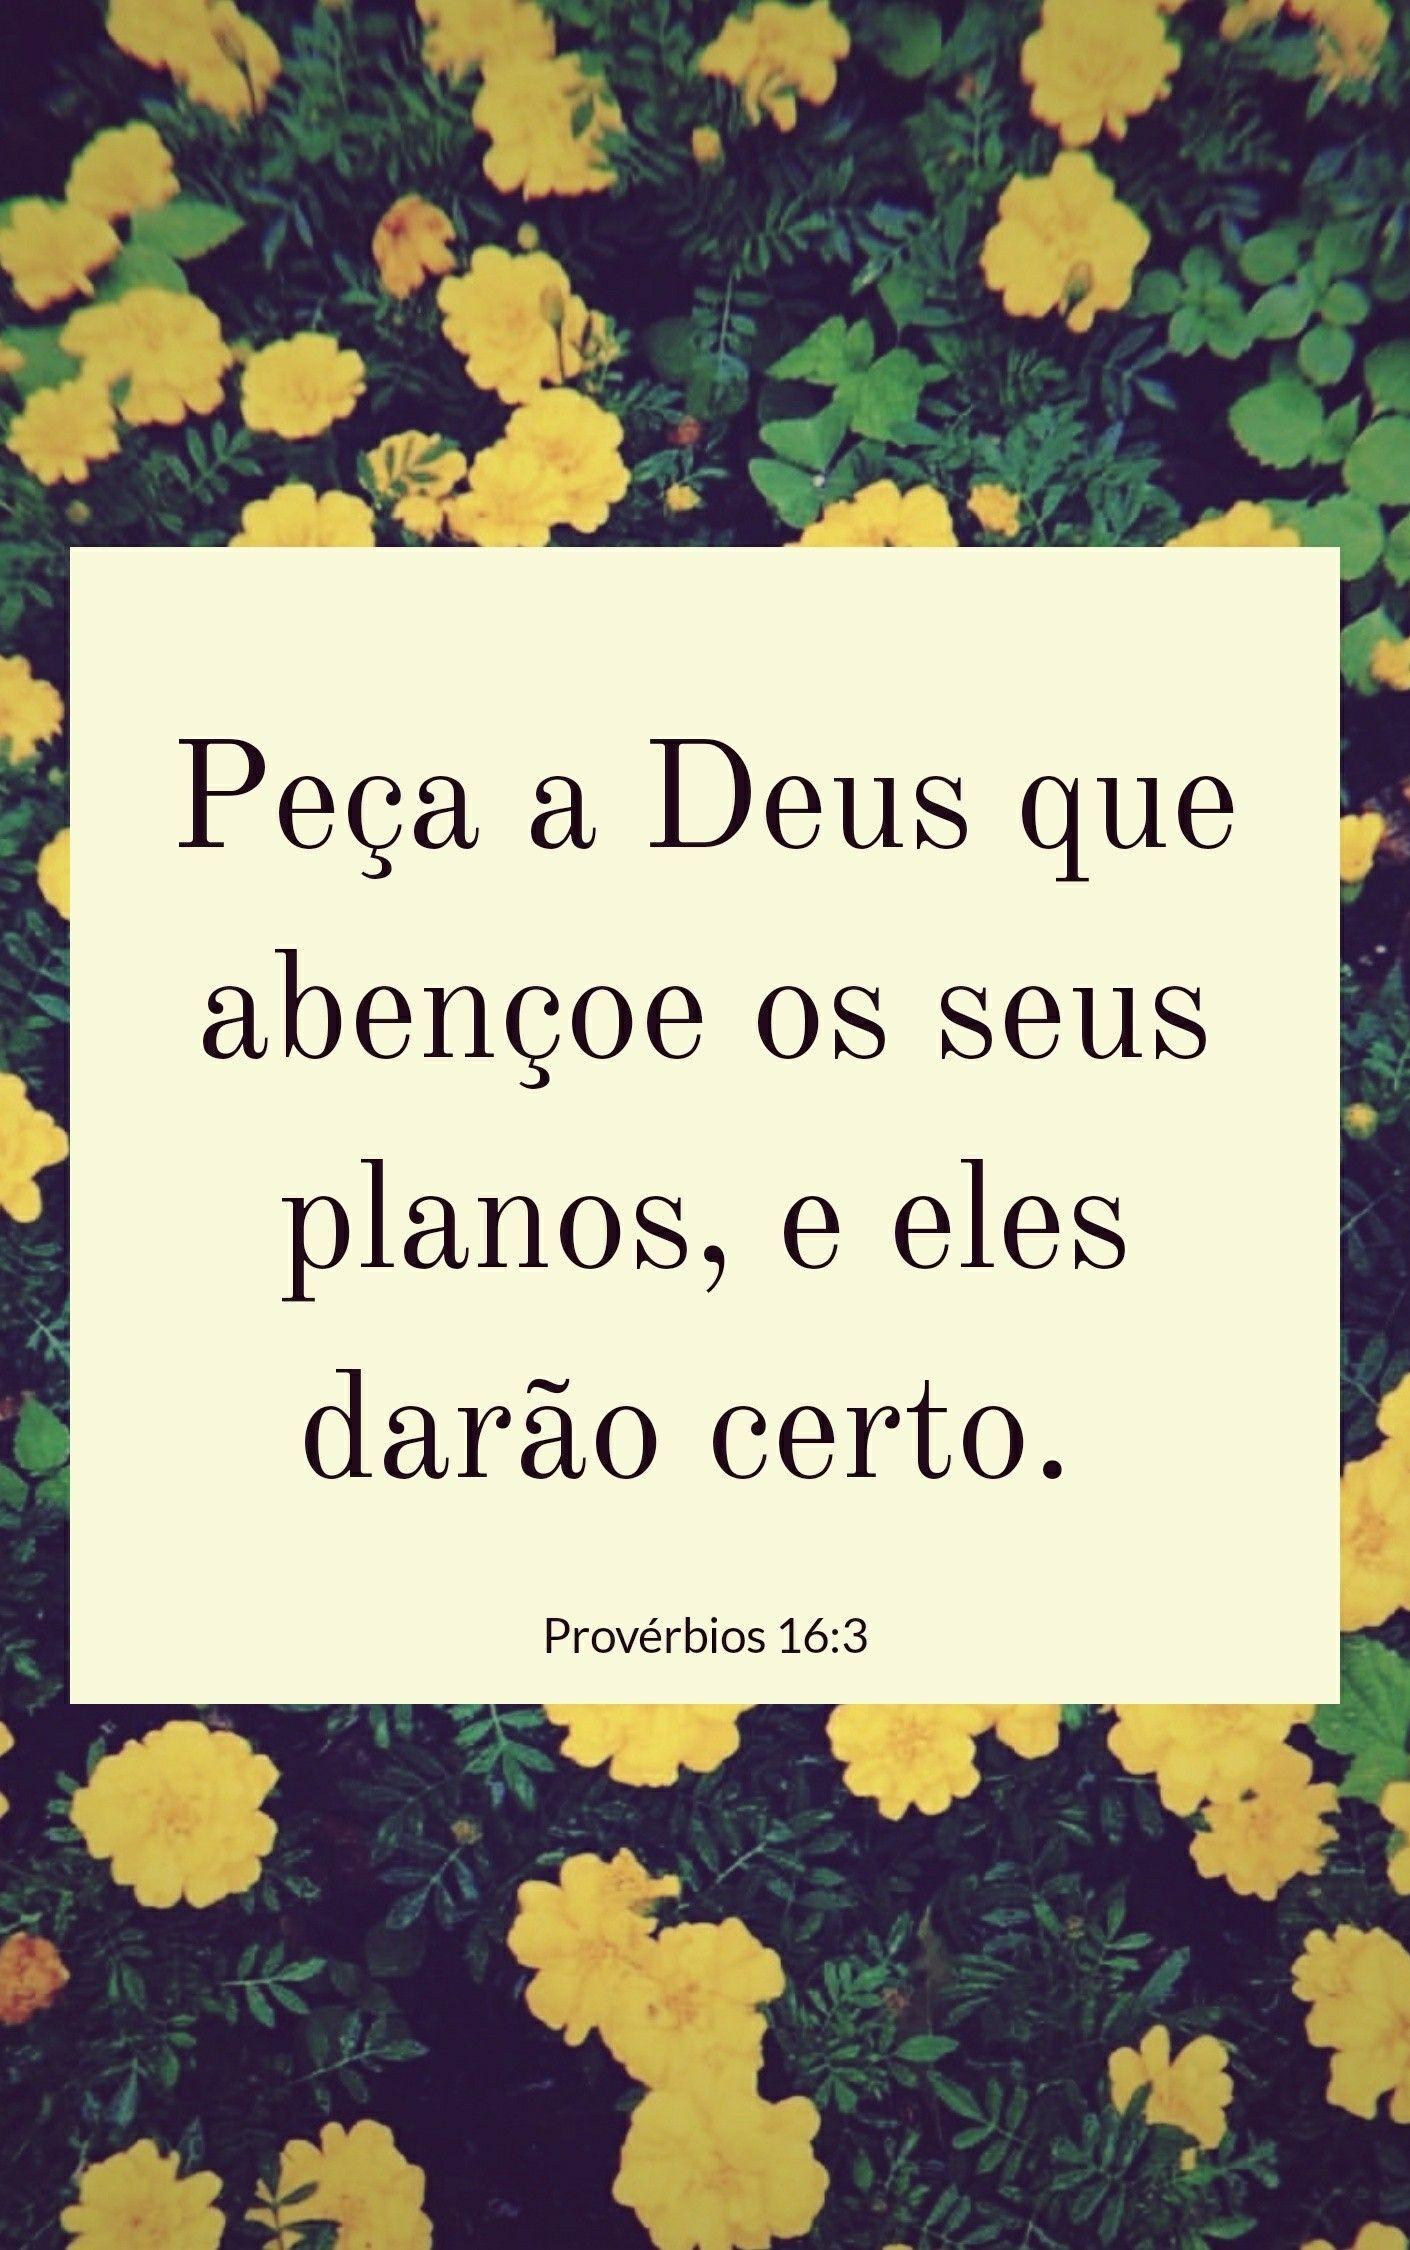 Peça a Deus e ele vai abençoar seus planos